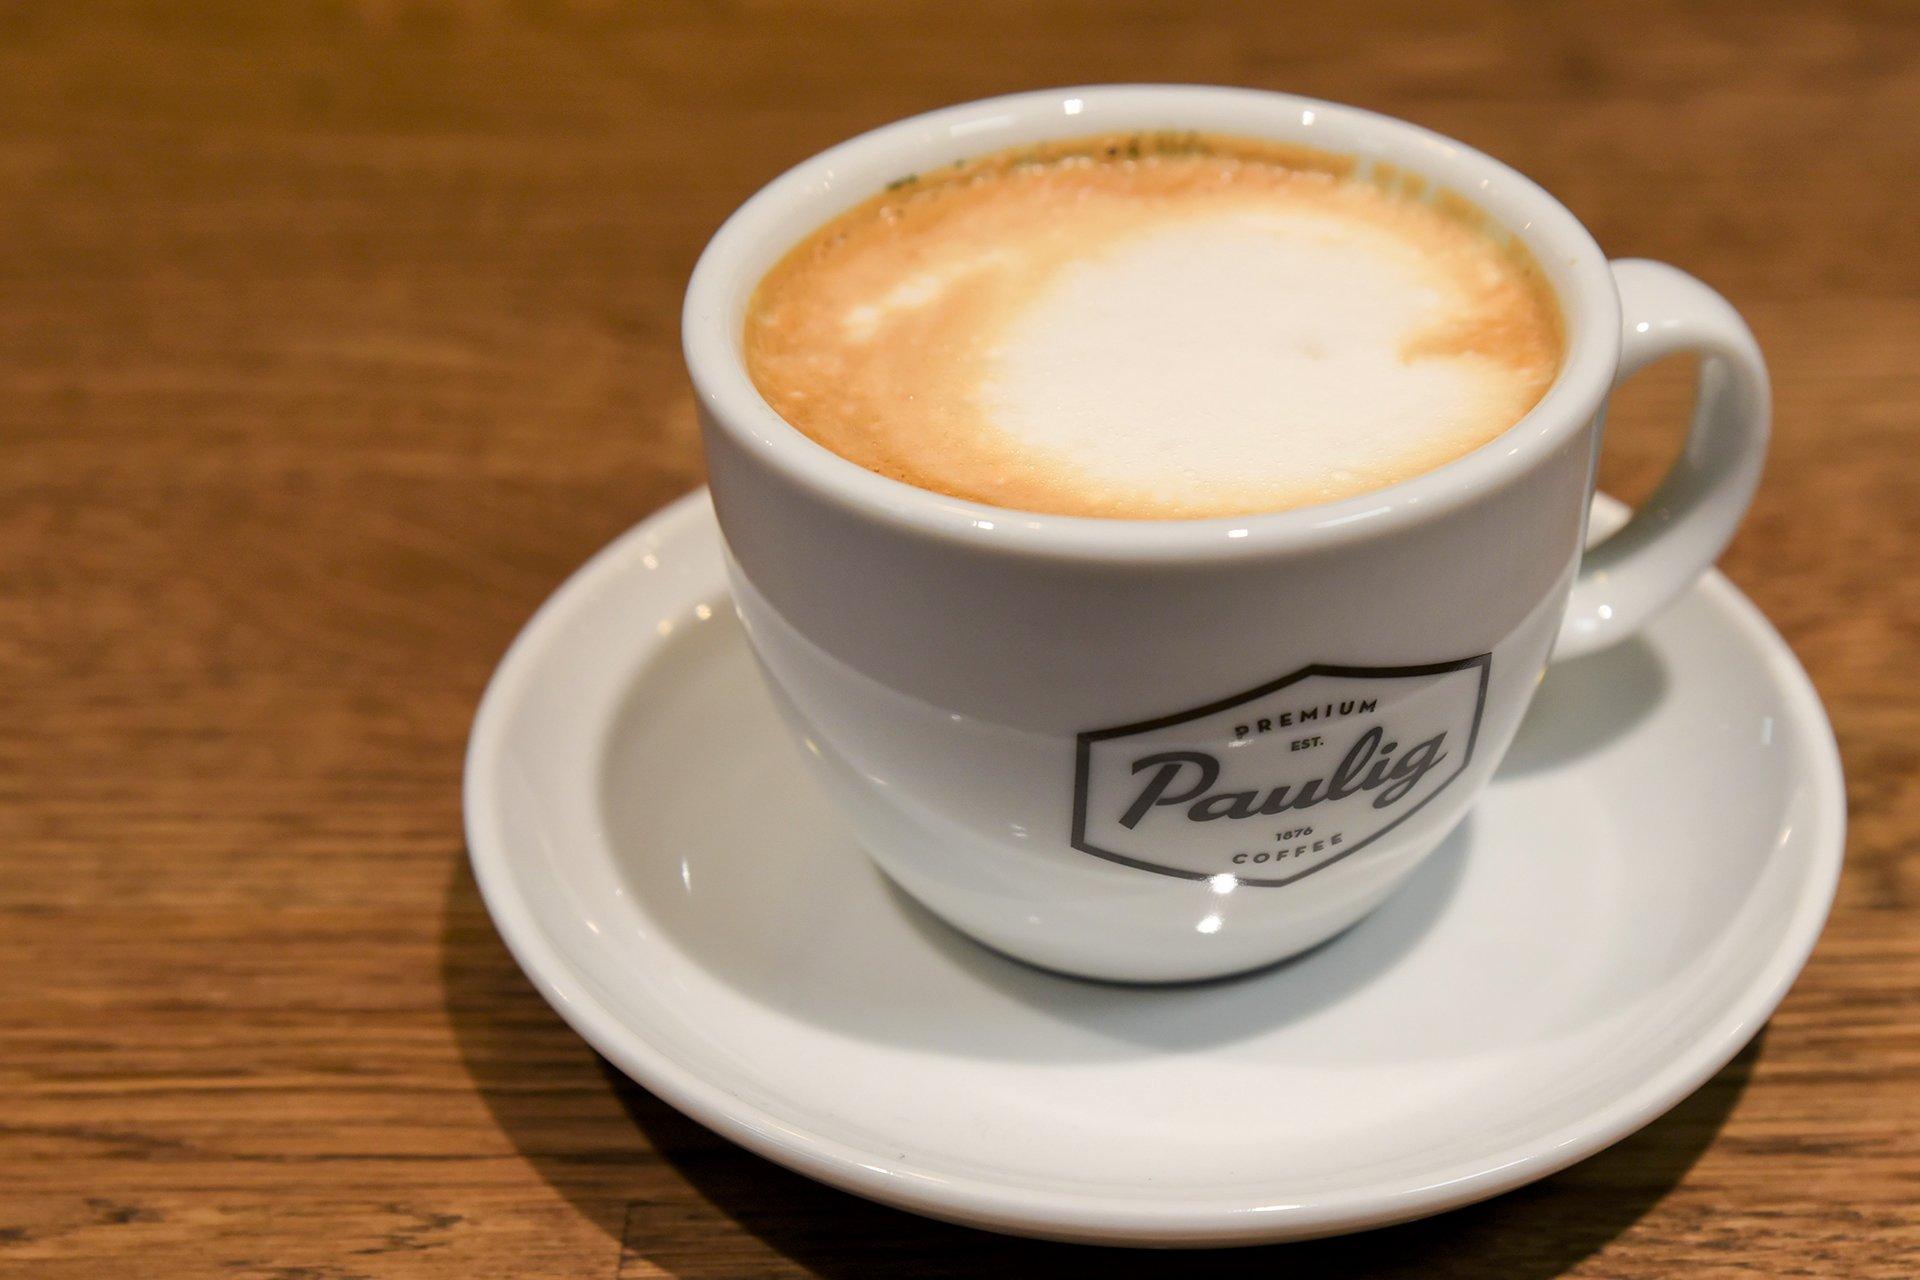 Cafe_Zero_paulig_cafe